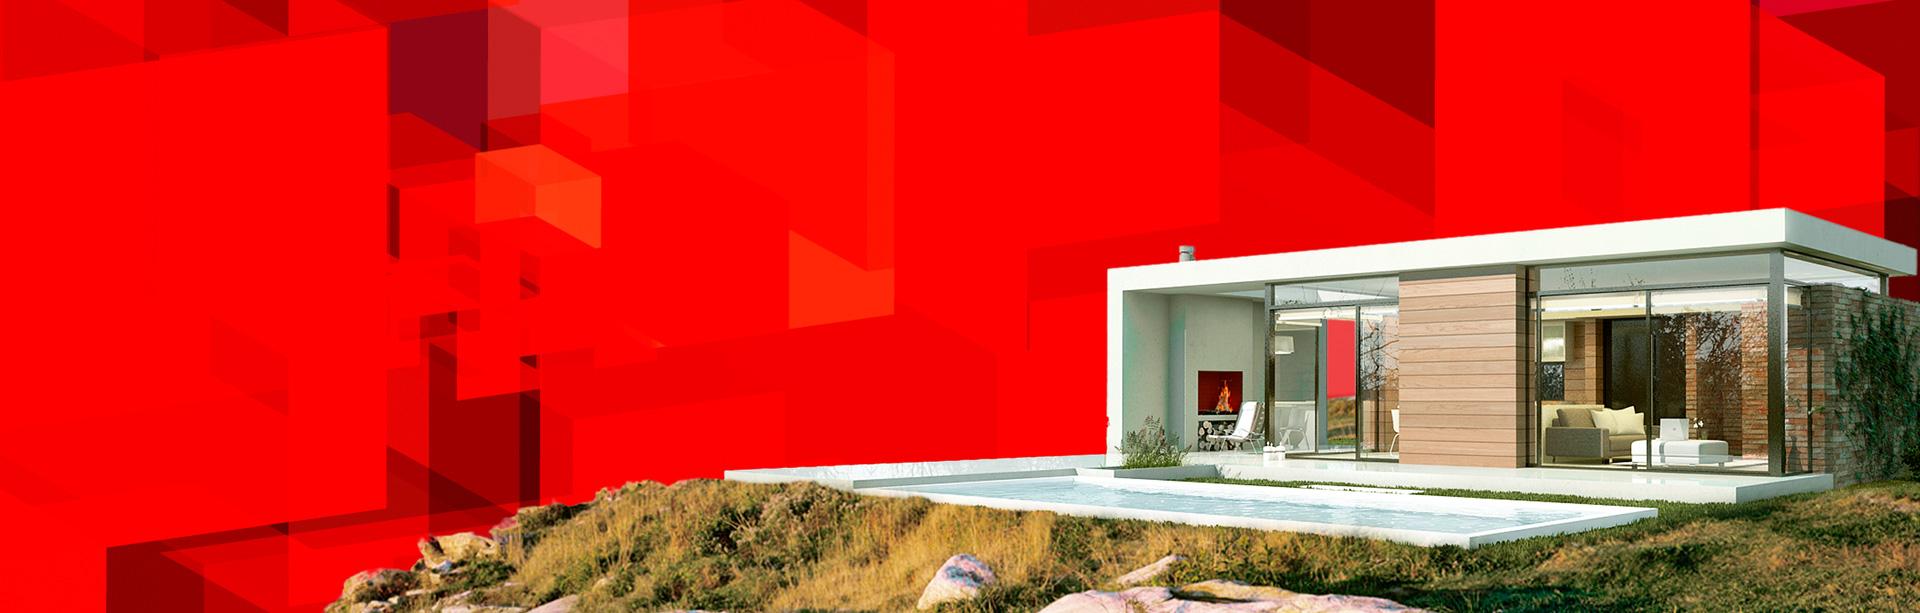 Modular Haus Arquitectura